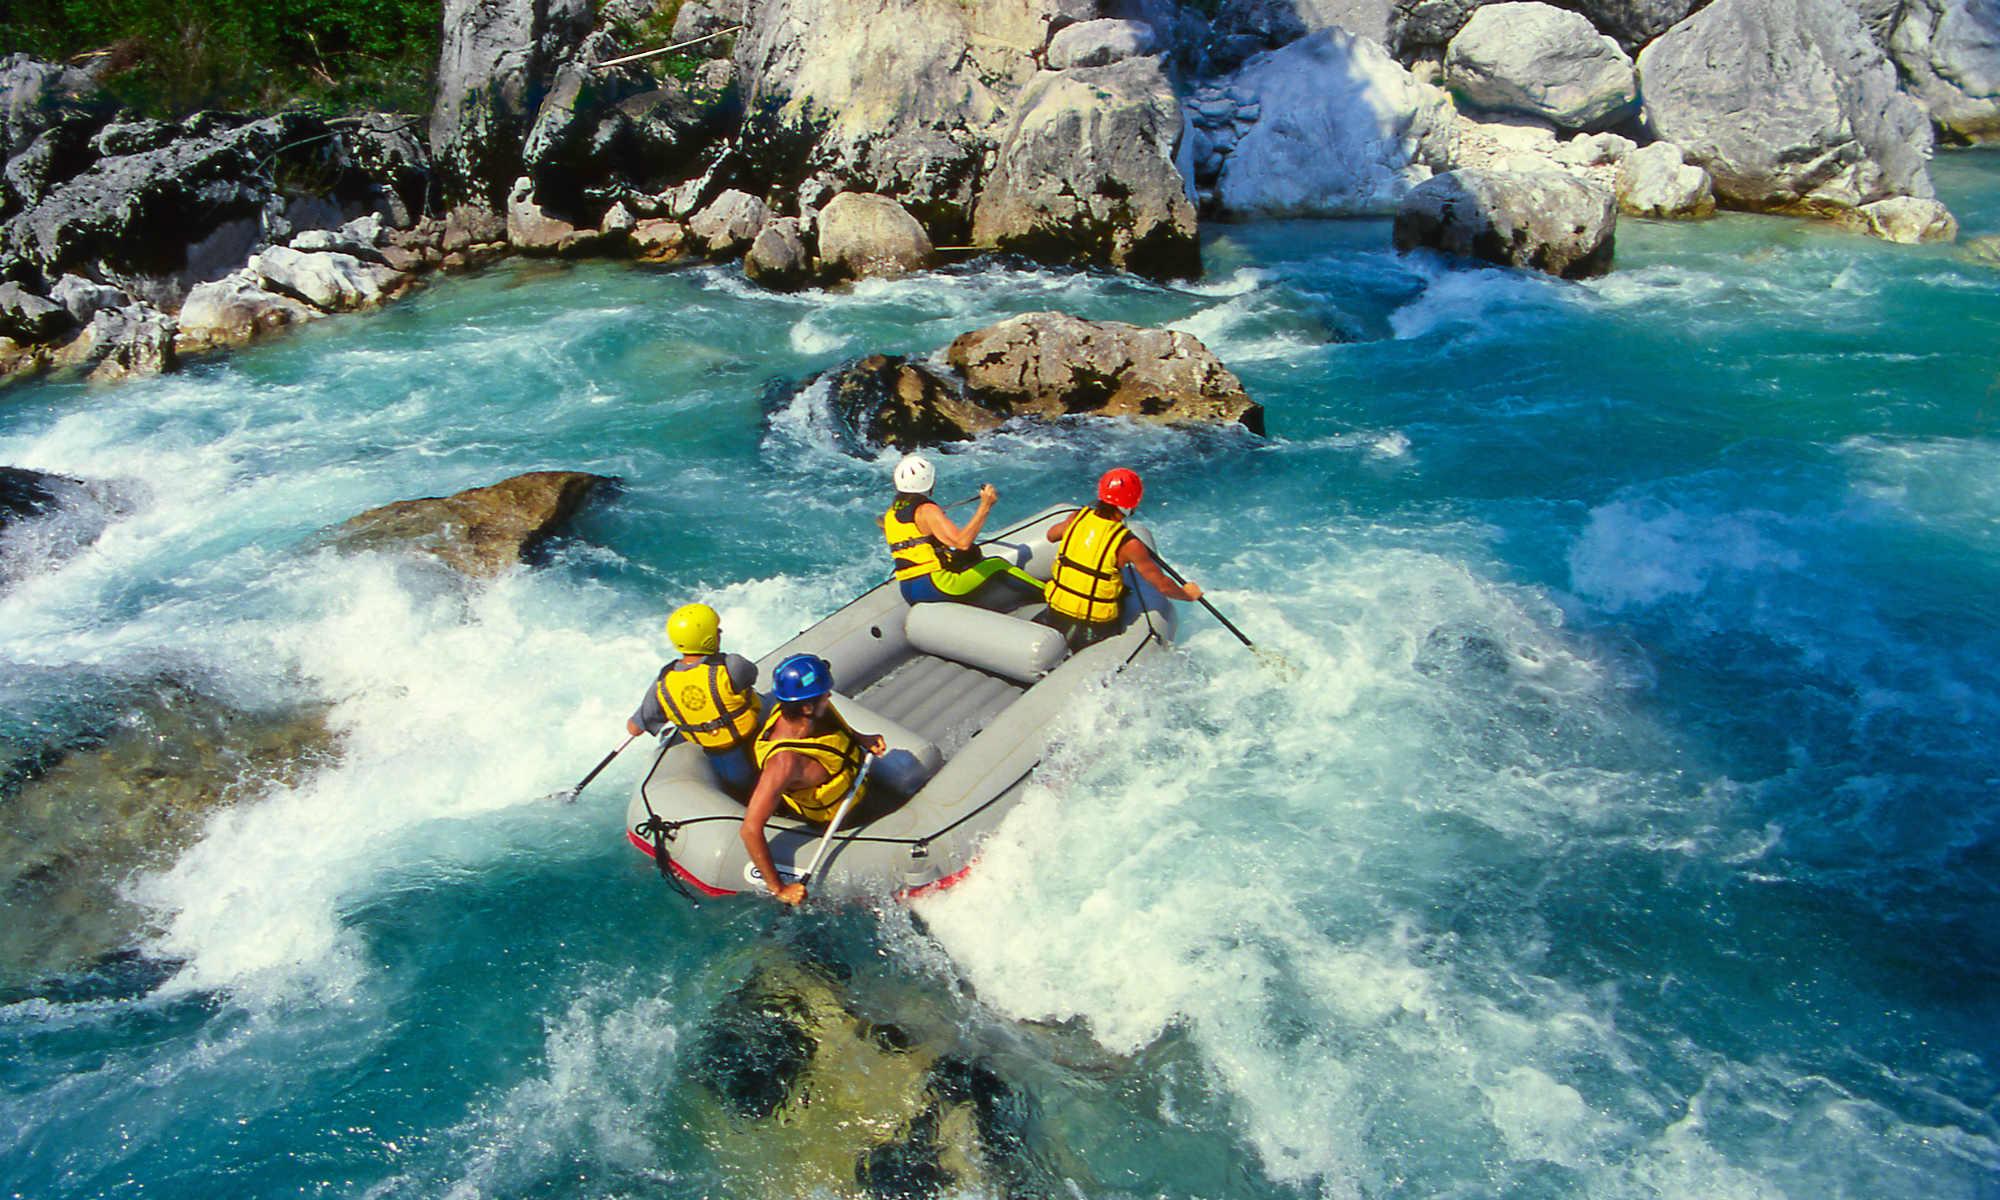 Eine Gruppe durchquert mit einem Raft eine felsige Passage in einem smaragdgrünen Fluss.